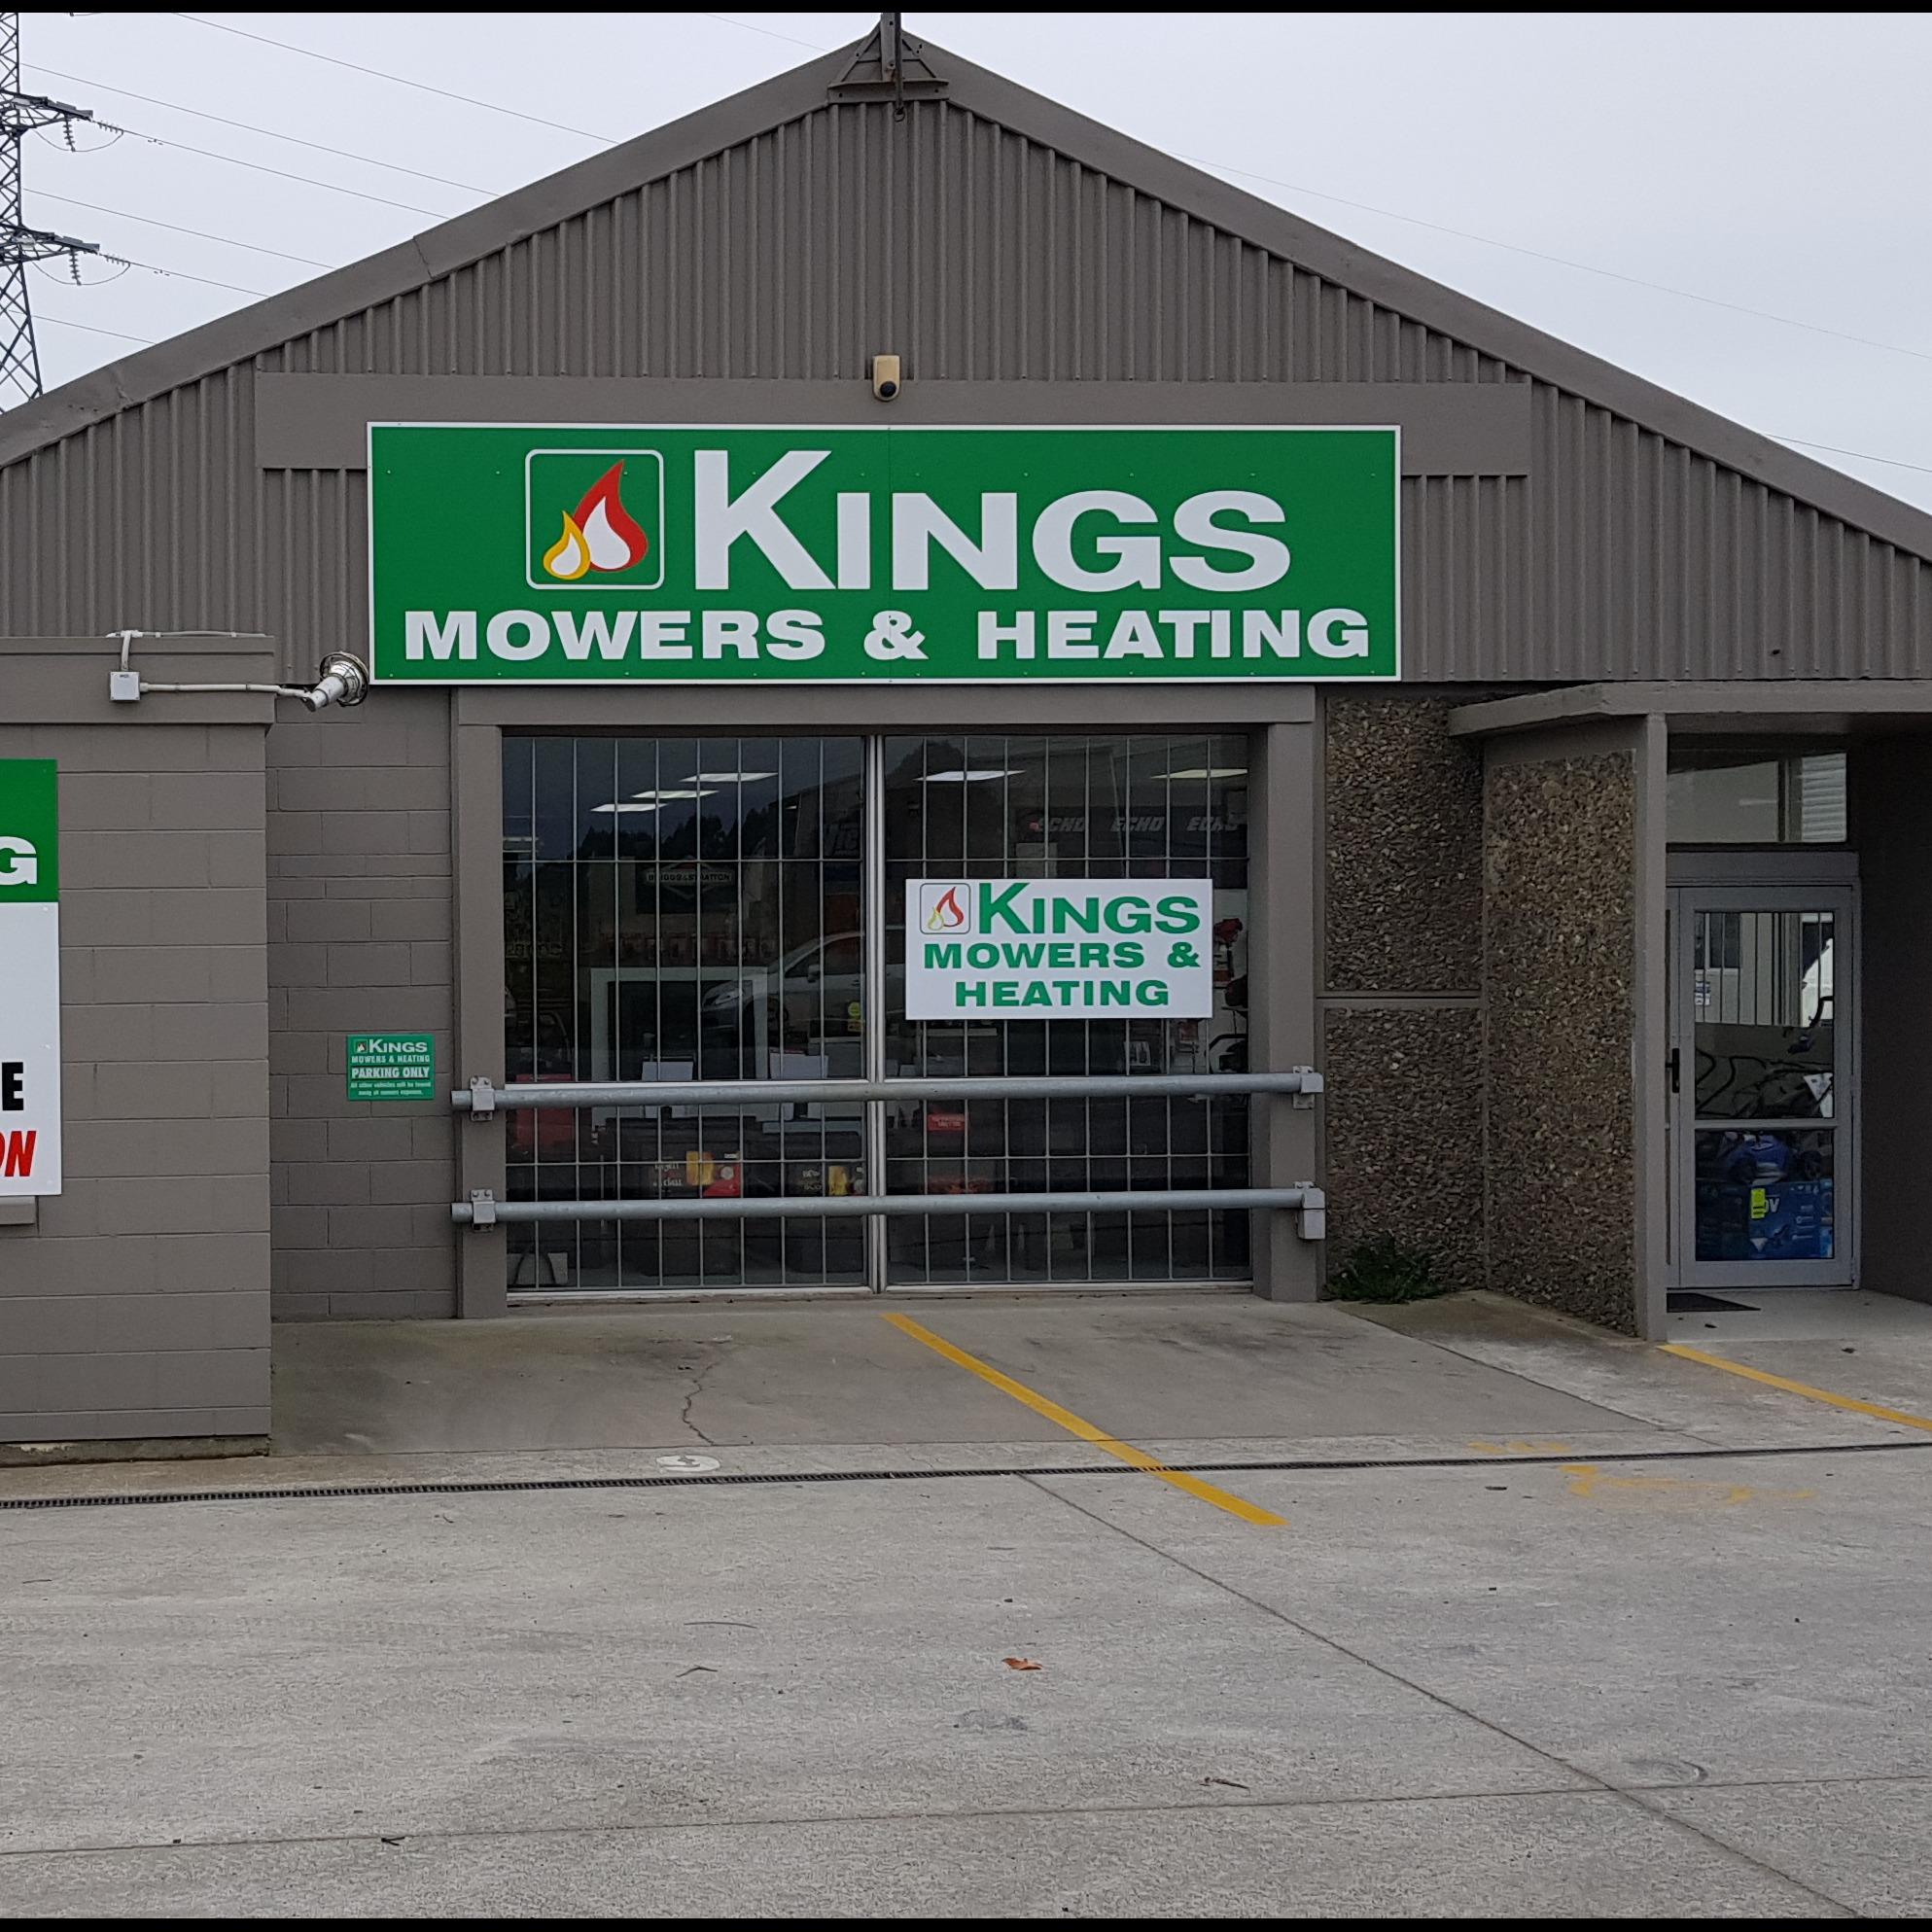 Kings Mowers & Heating